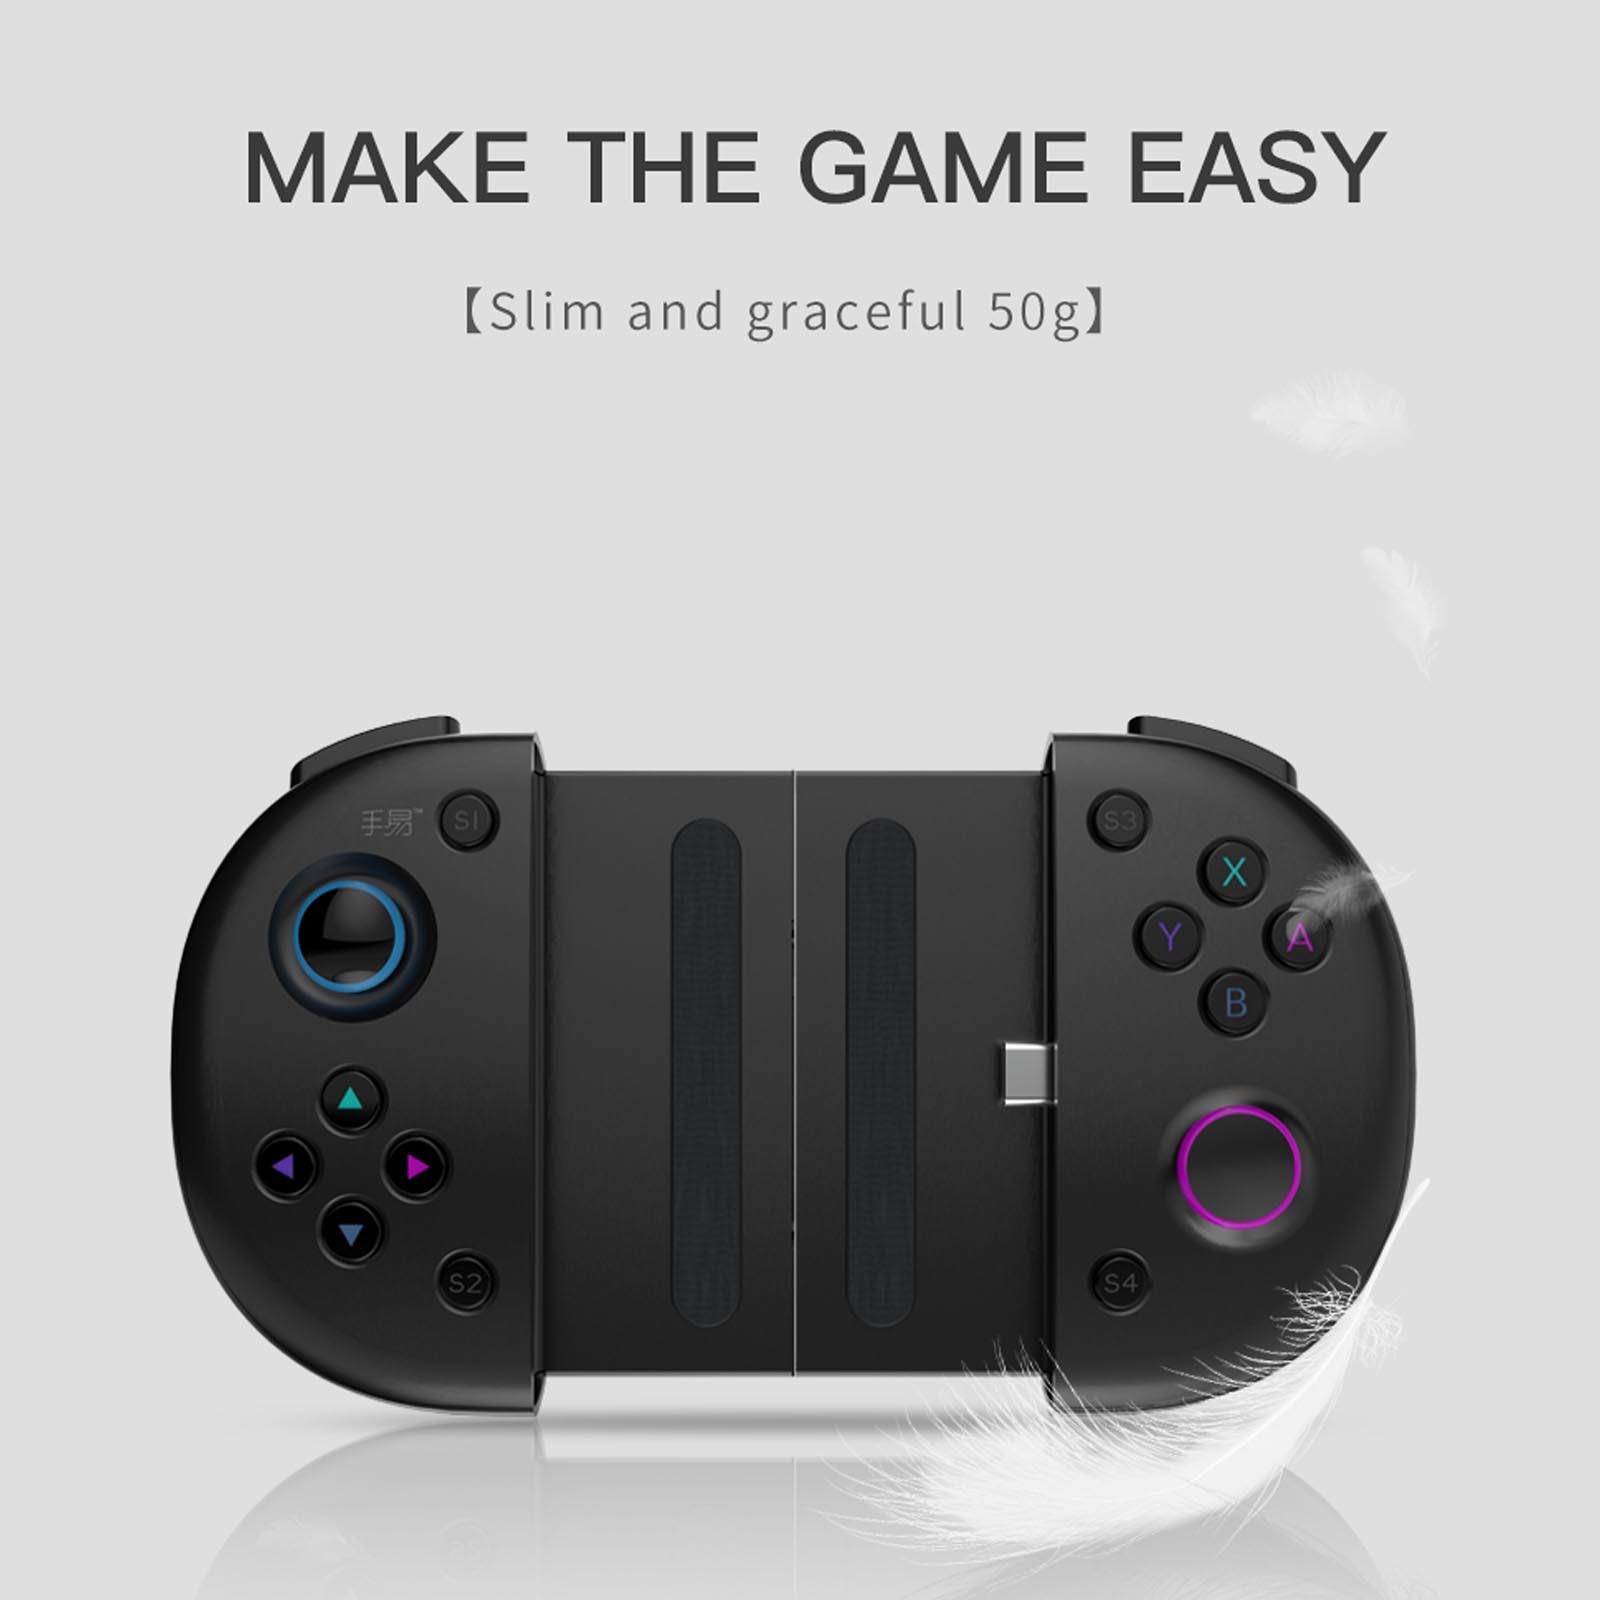 Мобильный игровой контроллер N1 Type-C, геймпад, аналоговый джойстик с портом Type-C, быстрая зарядка, для телефонов Huawei Honor, Android